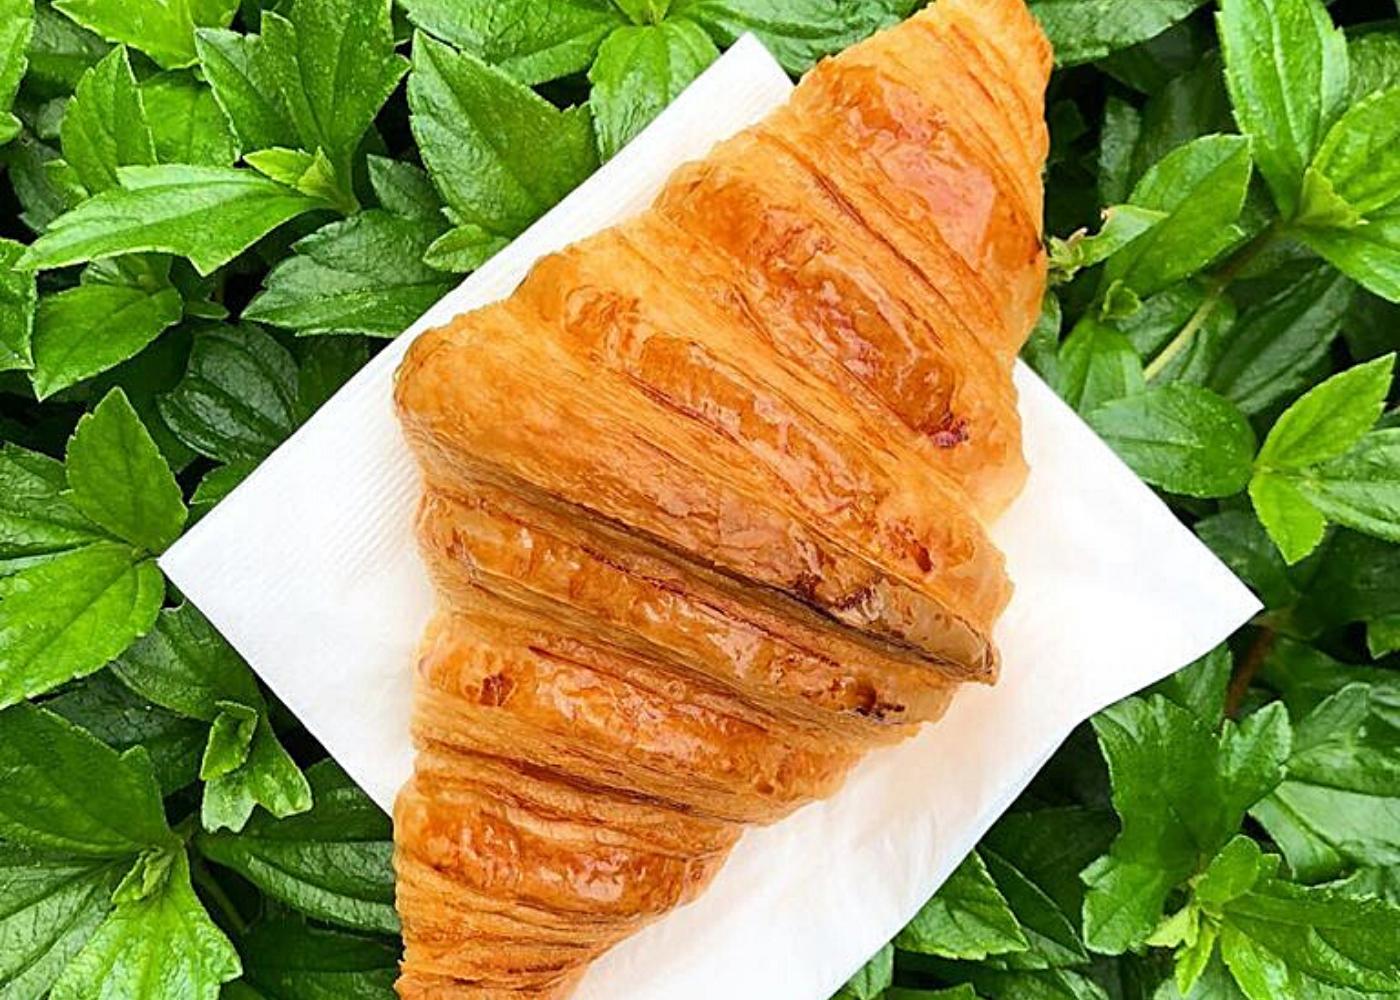 Best cafes for croissants: Bakery Brera